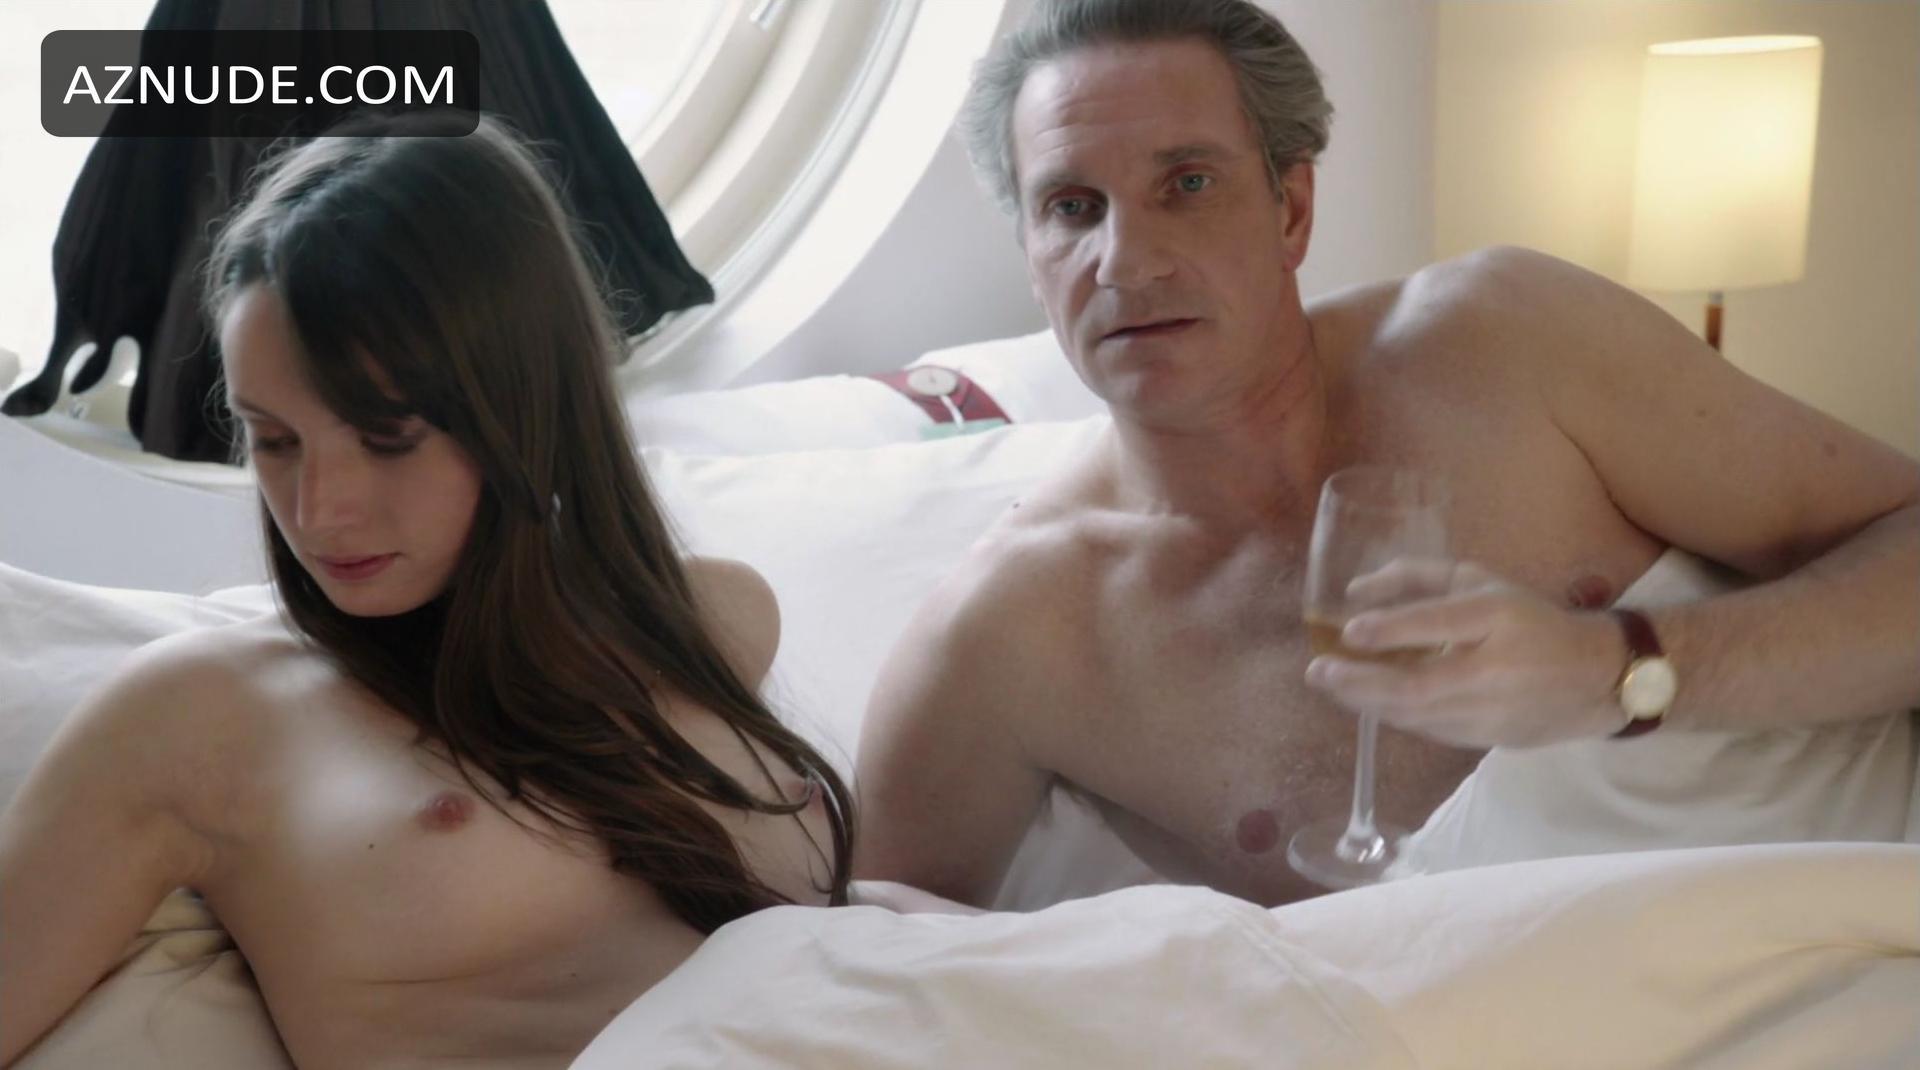 Sex tricked movie